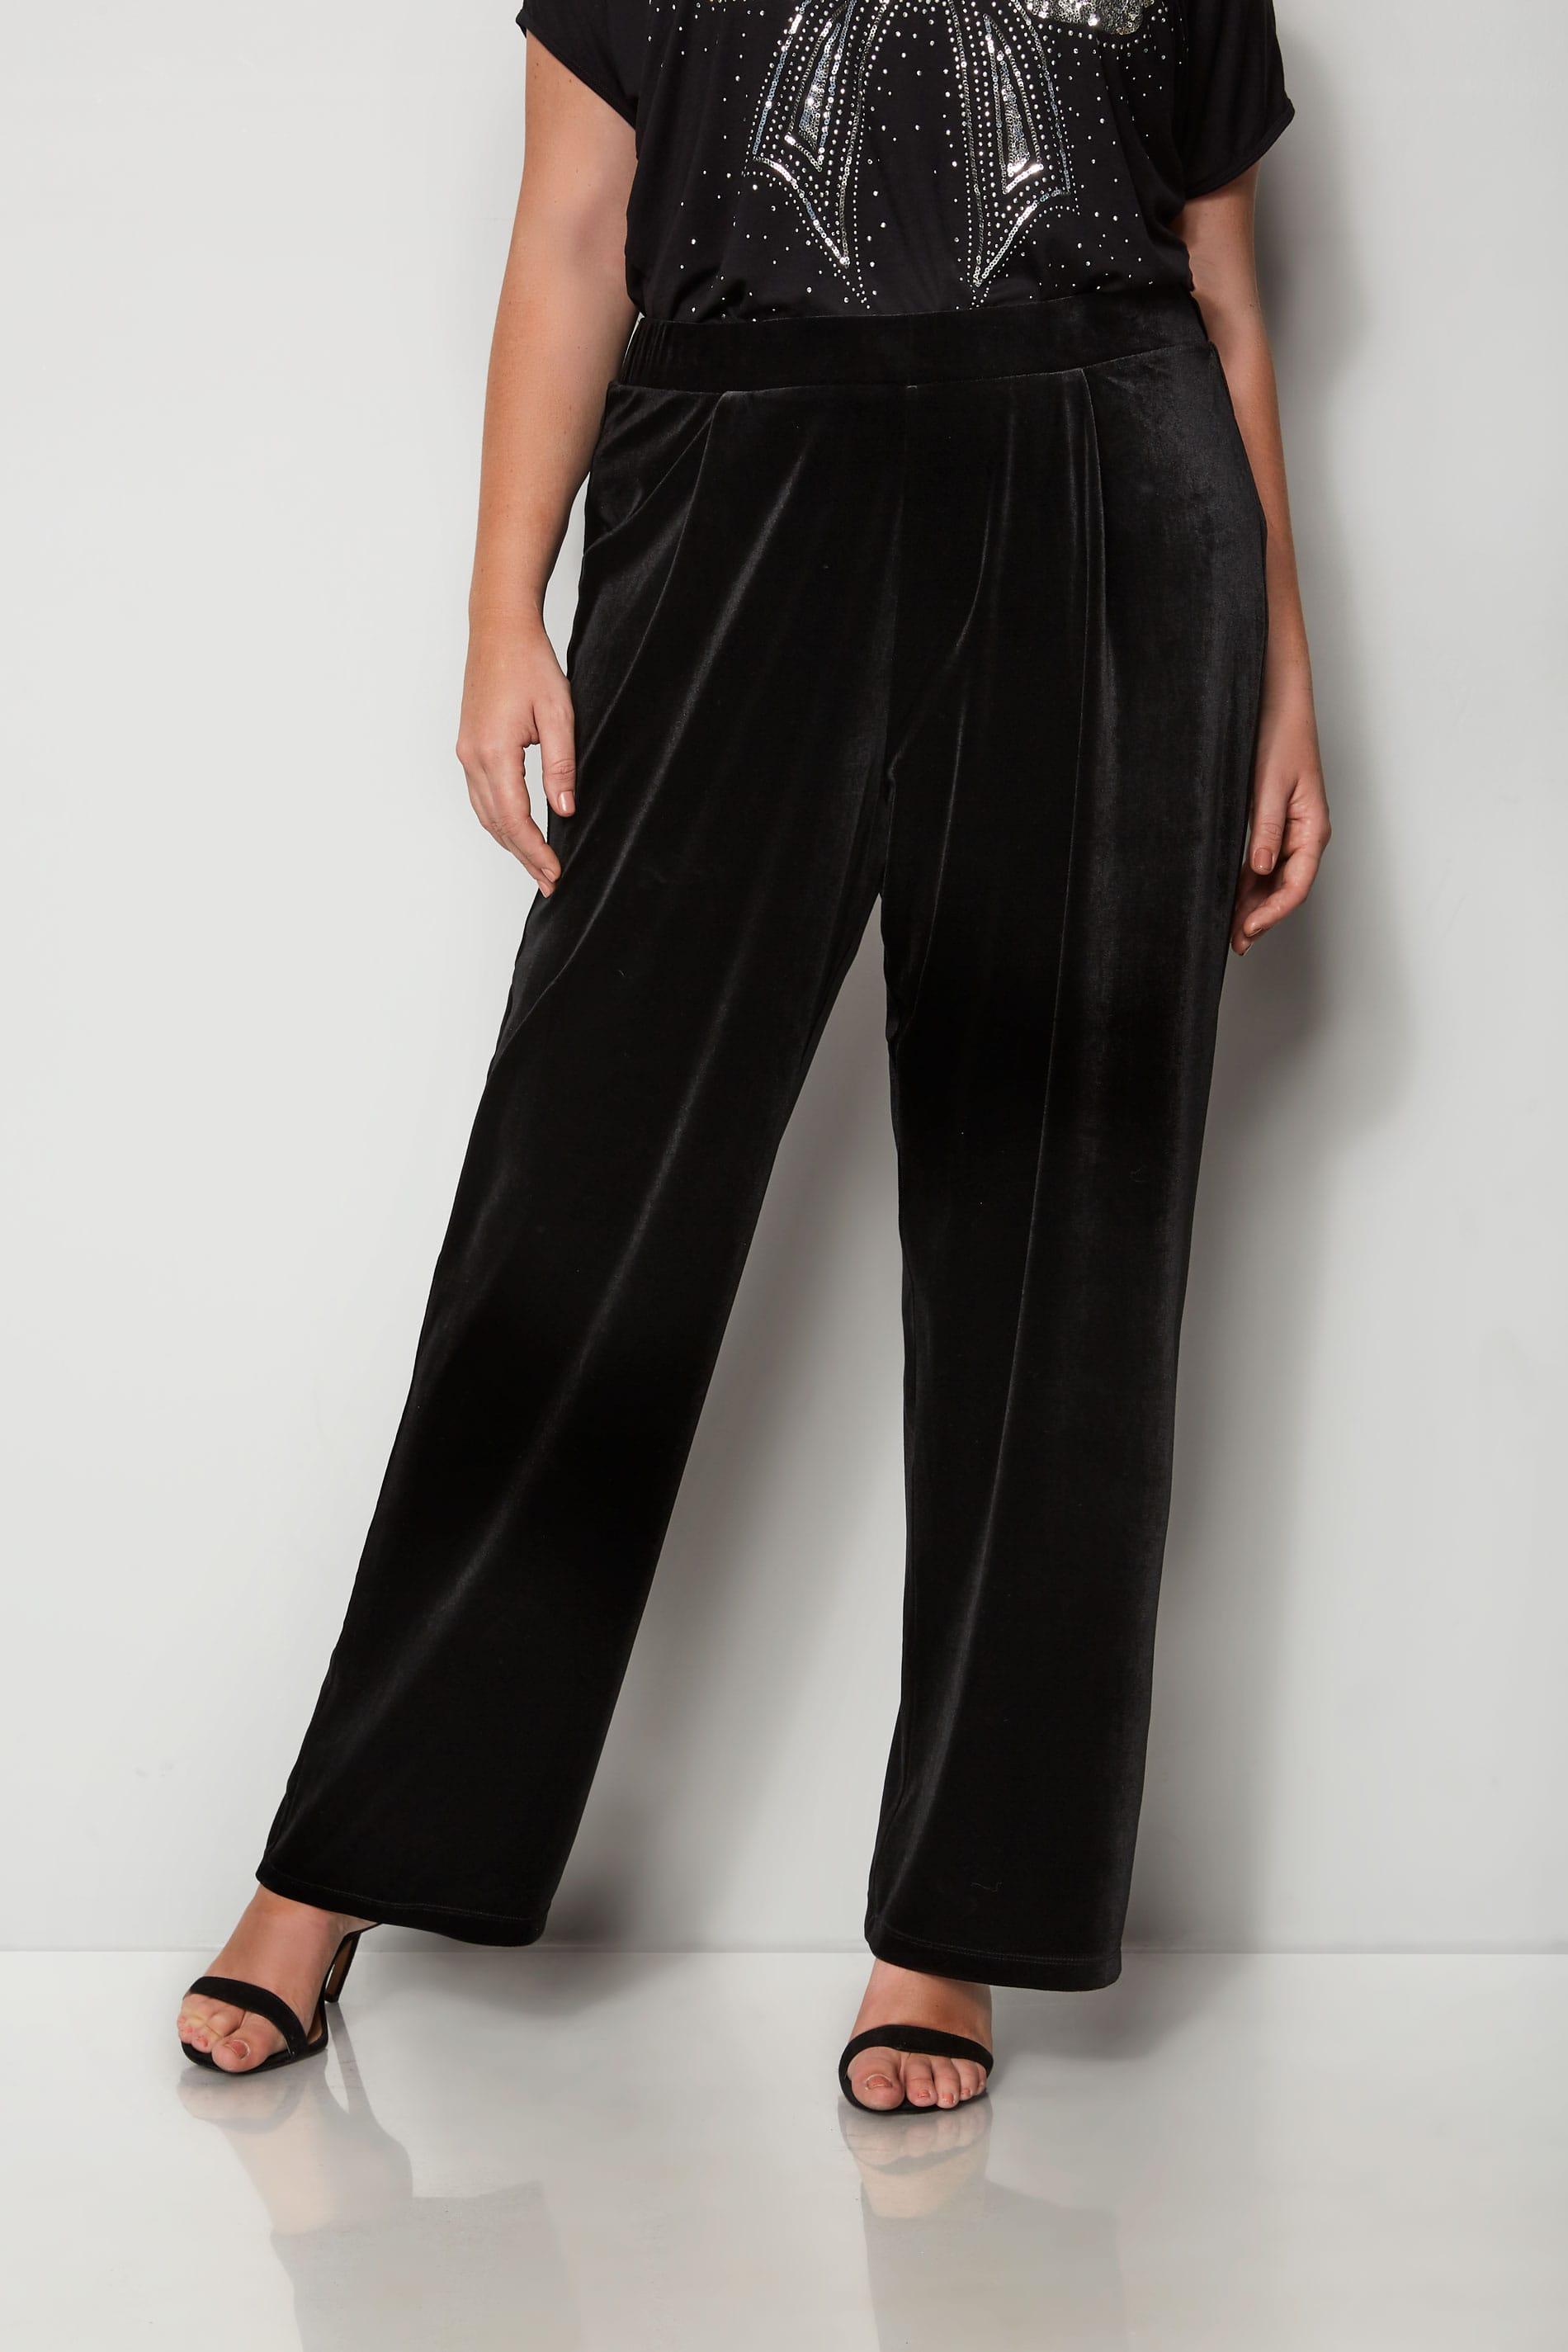 Zwarte fluwelen broek